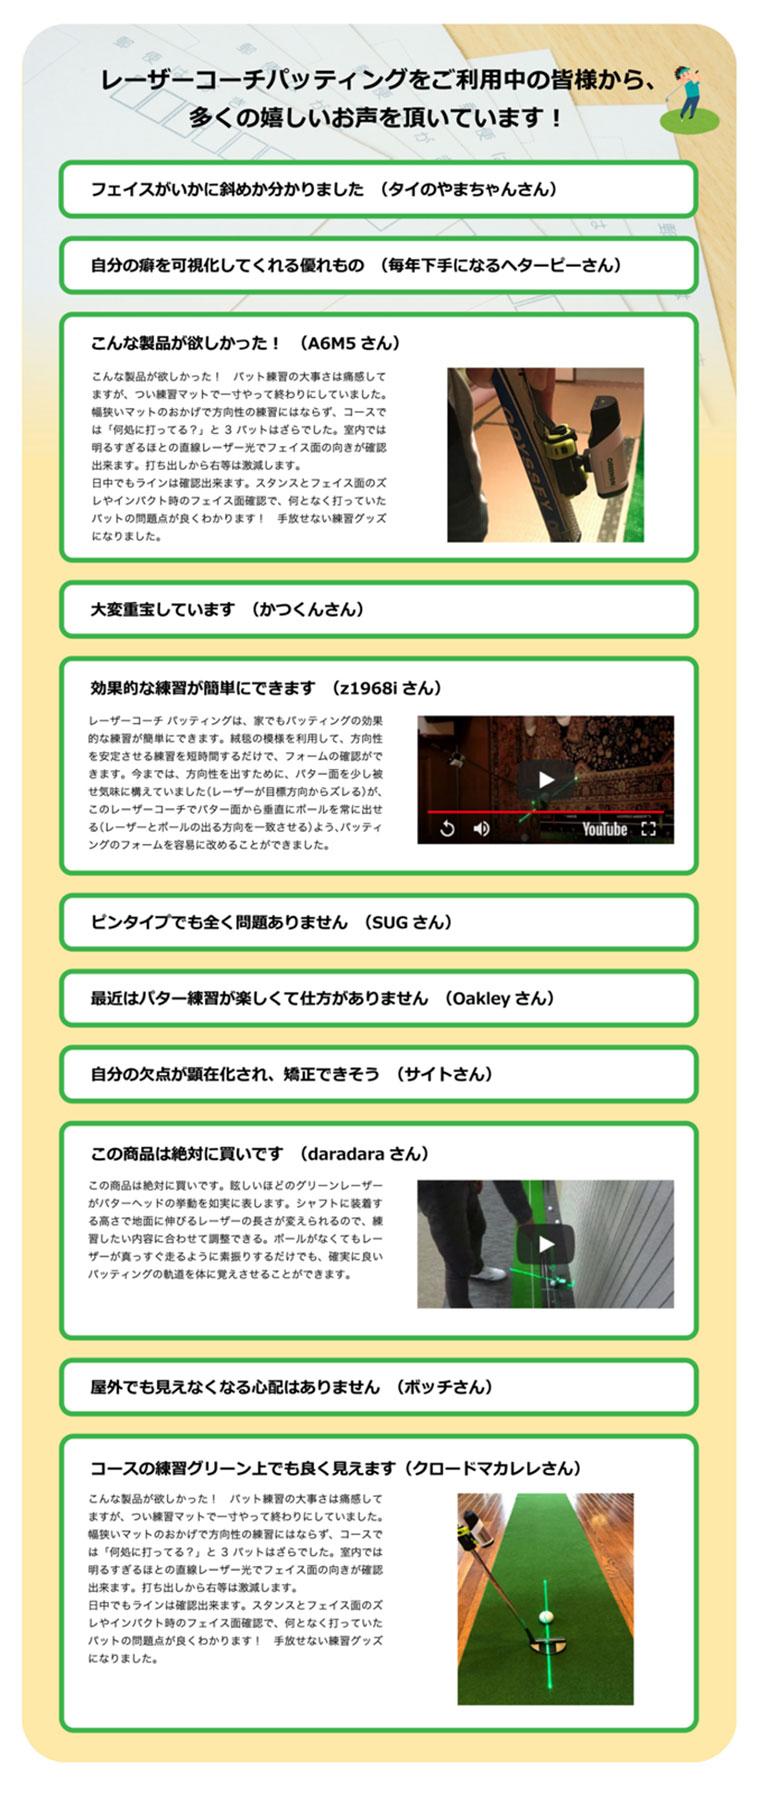 グリーンオン レーザーコーチ パッティング_5